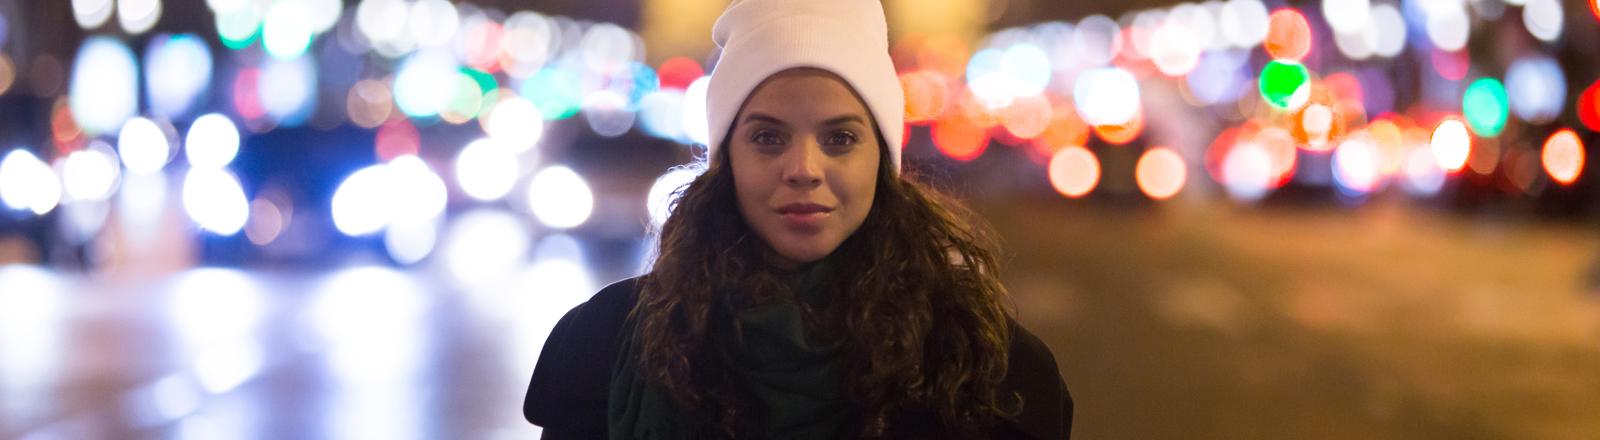 Frau in Paris.